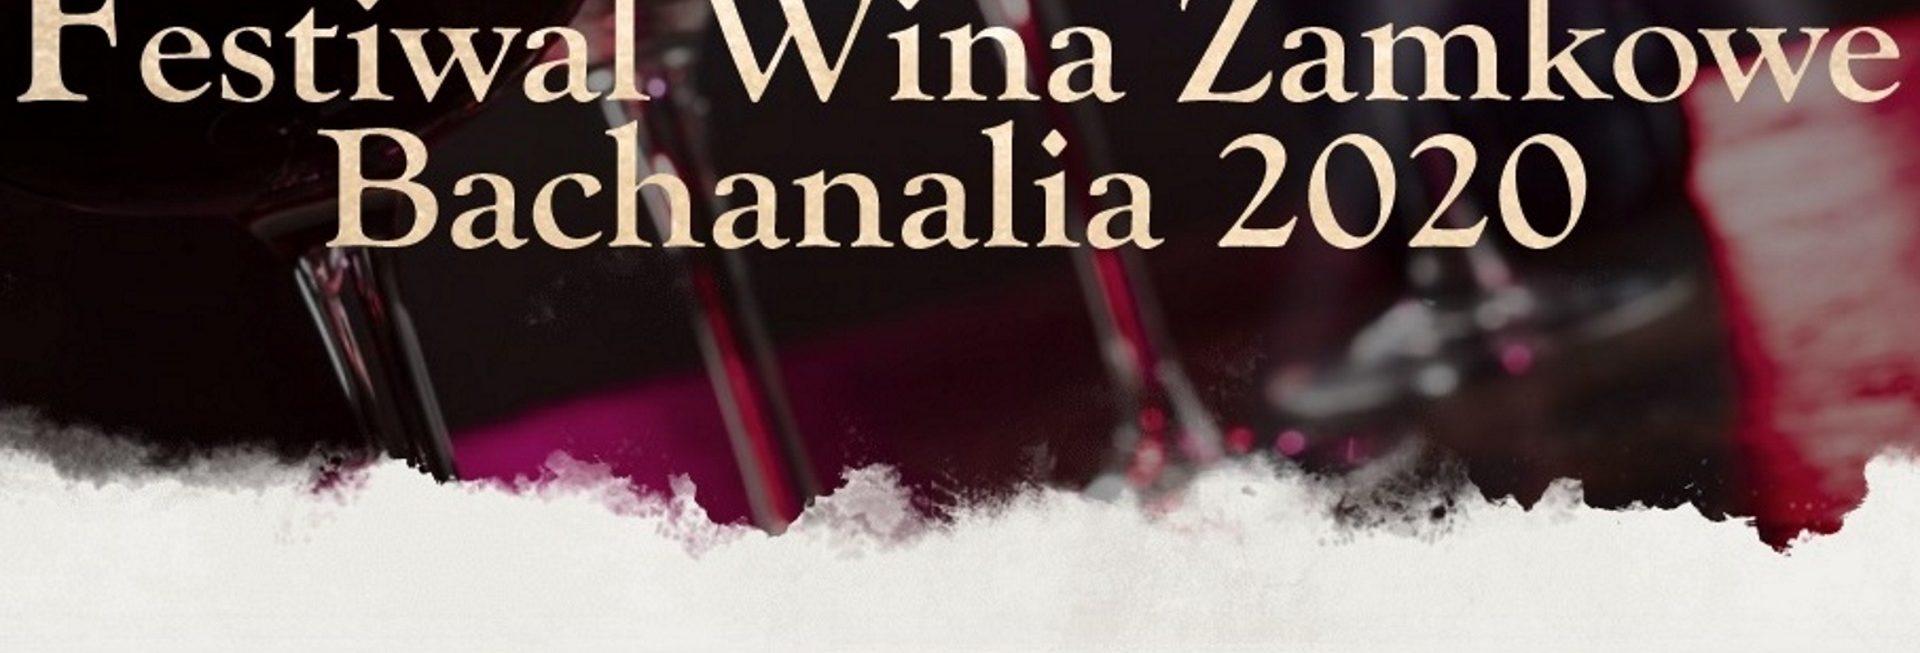 Zdjęcie - plakat zapraszający na zamkowe Bachanalia w Rynie. W tle na zdjęciu kieliszki z winem oraz napis o Festiwalu Wina Zamkowego Bachanalia 2020.